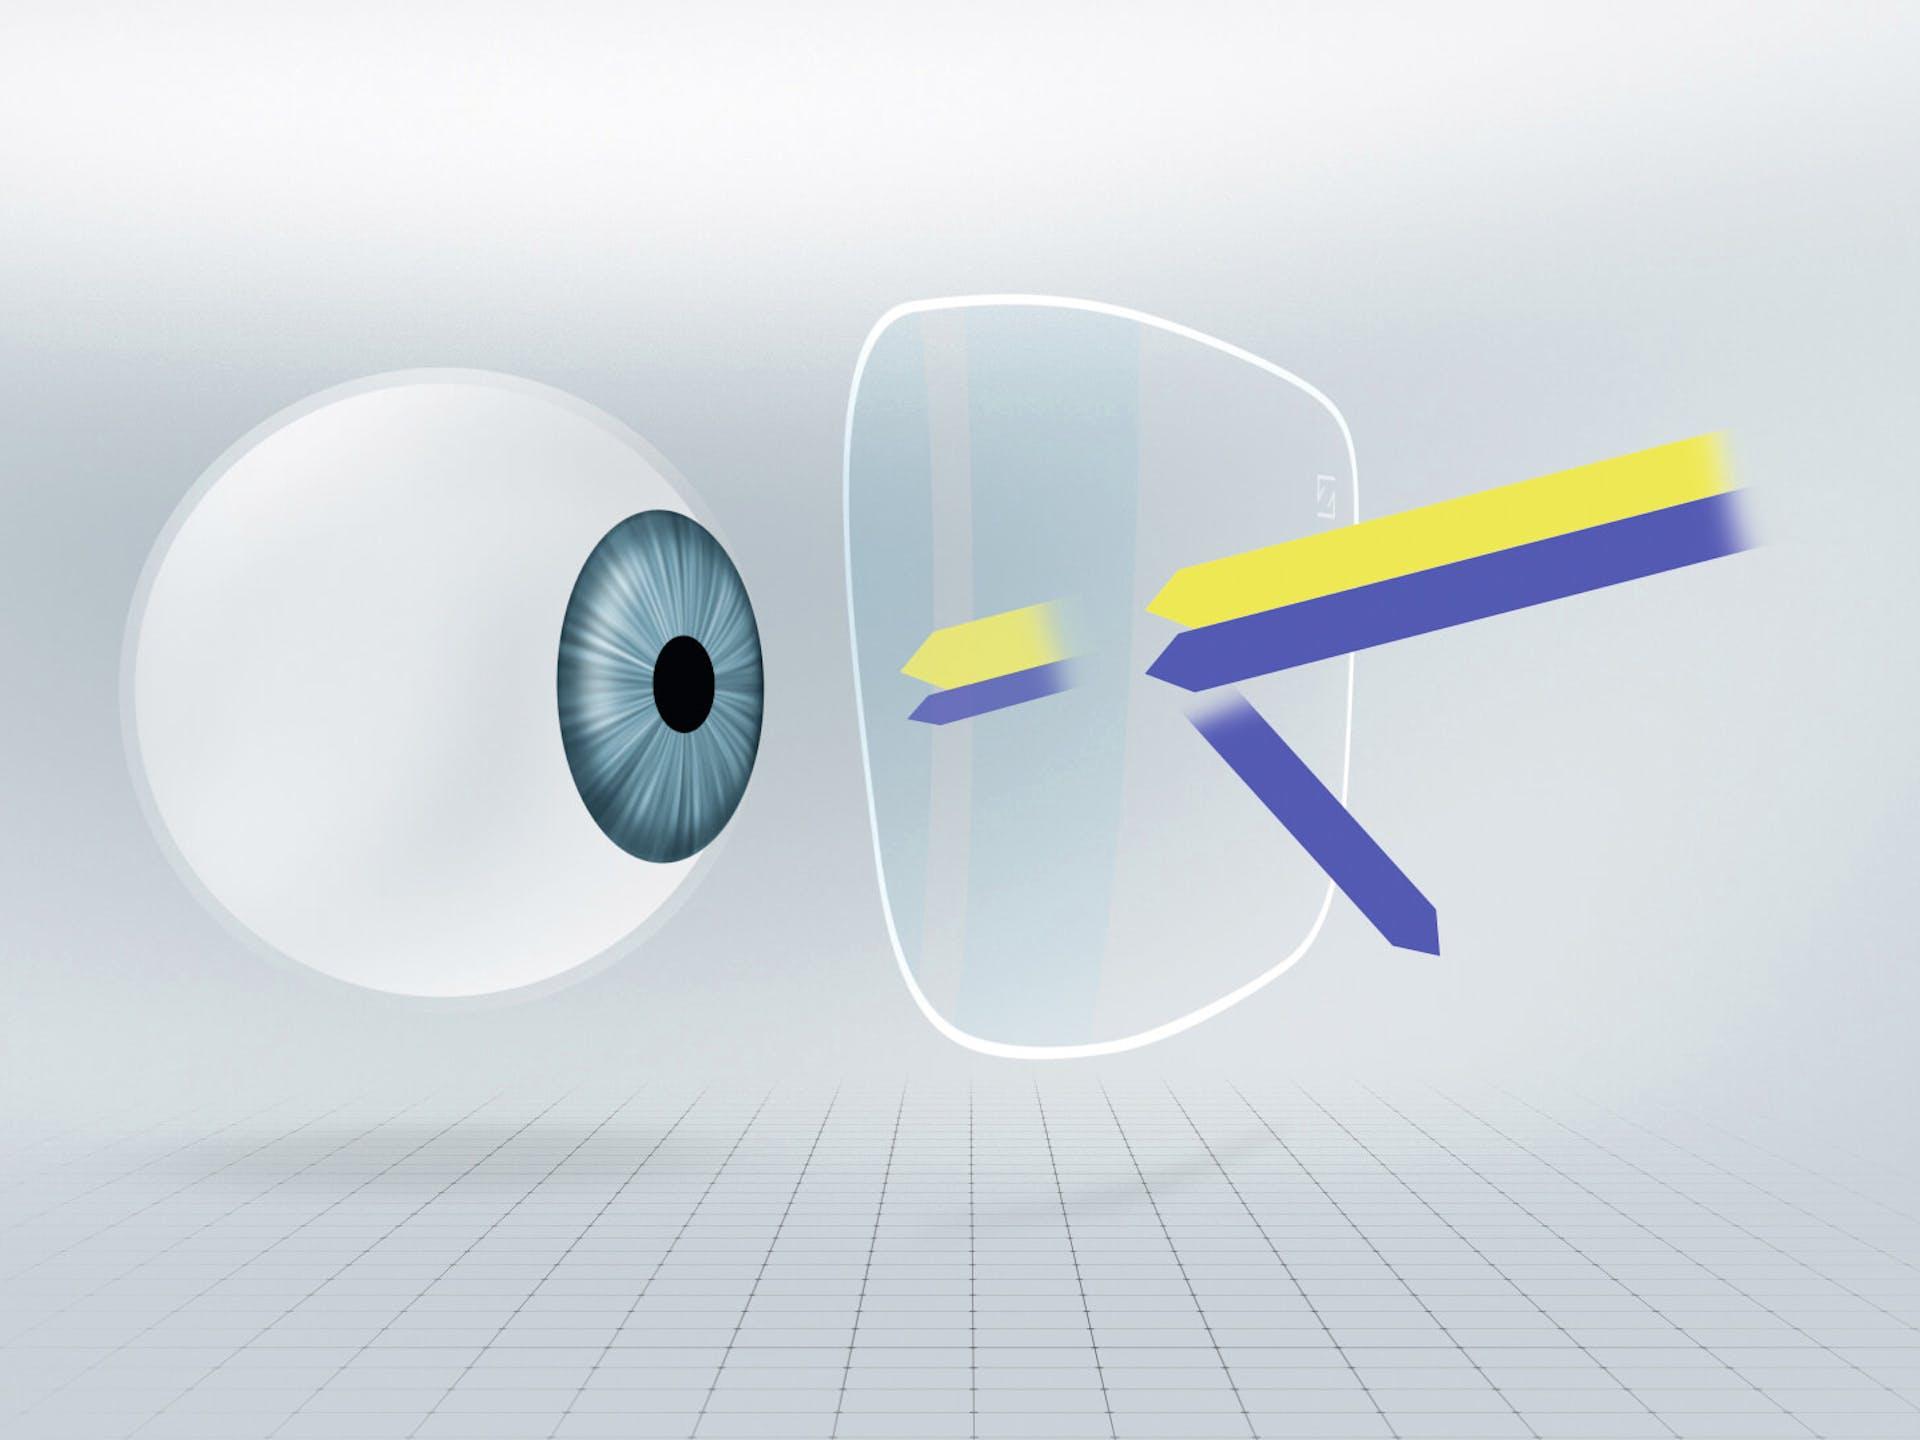 Покрытие ZEISS DuraVision® BlueProtect частично отражает сине-фиолетовый свет